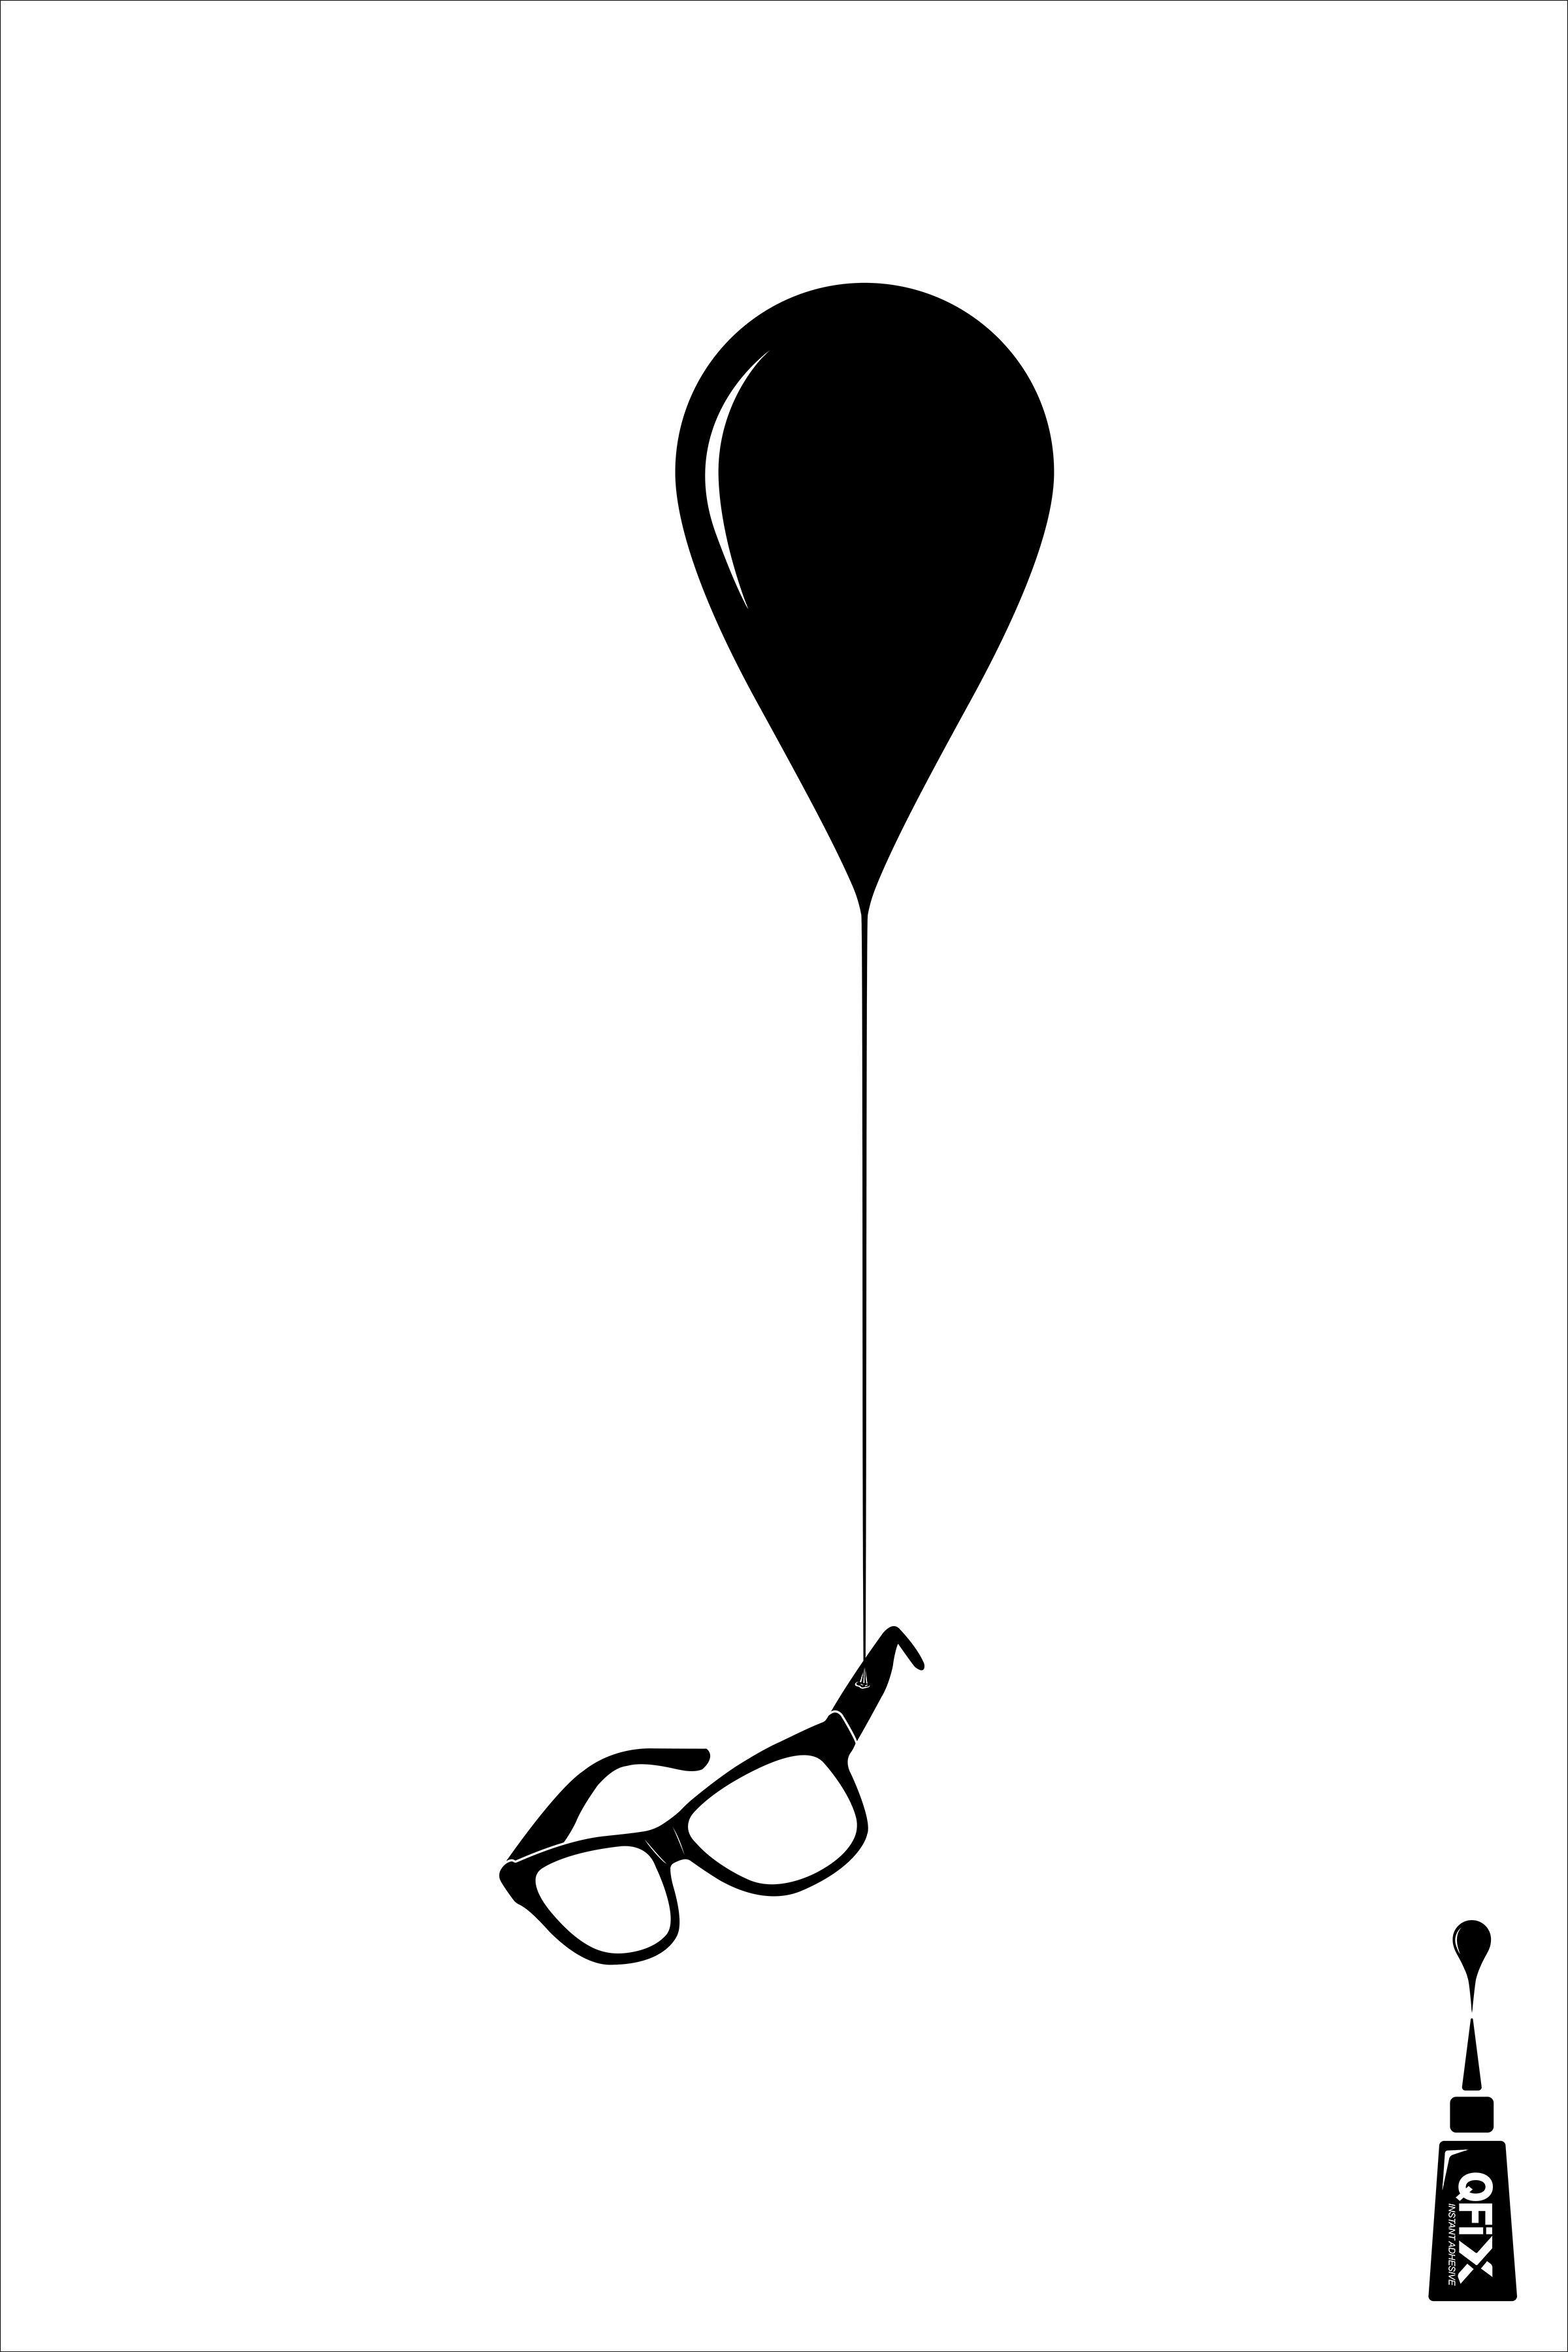 Qfix Print Ad - Glasses